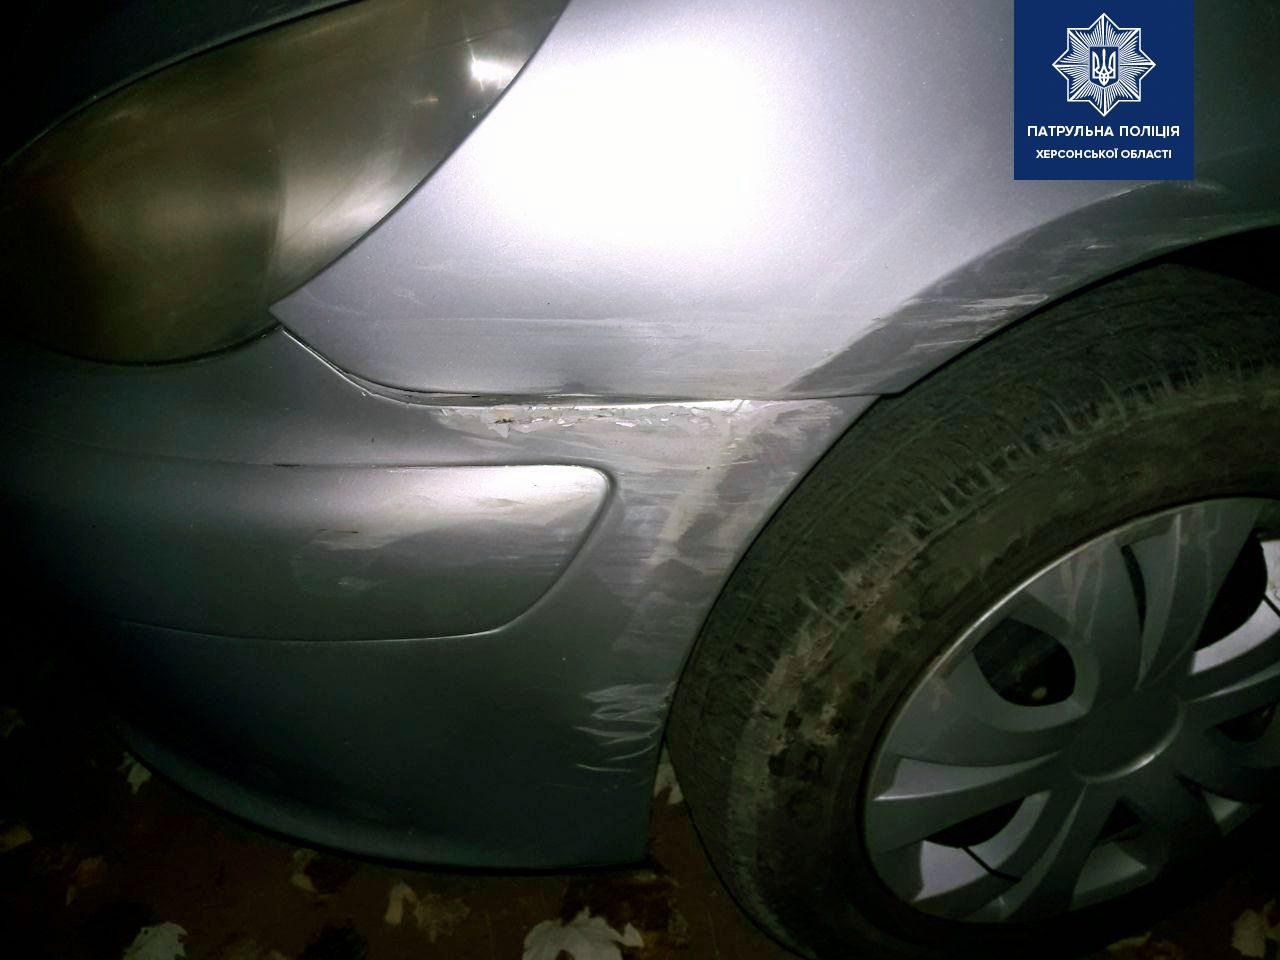 В Херсоне пьяный водитель-рекордсмен совершил ДТП и уехал с места происшествия